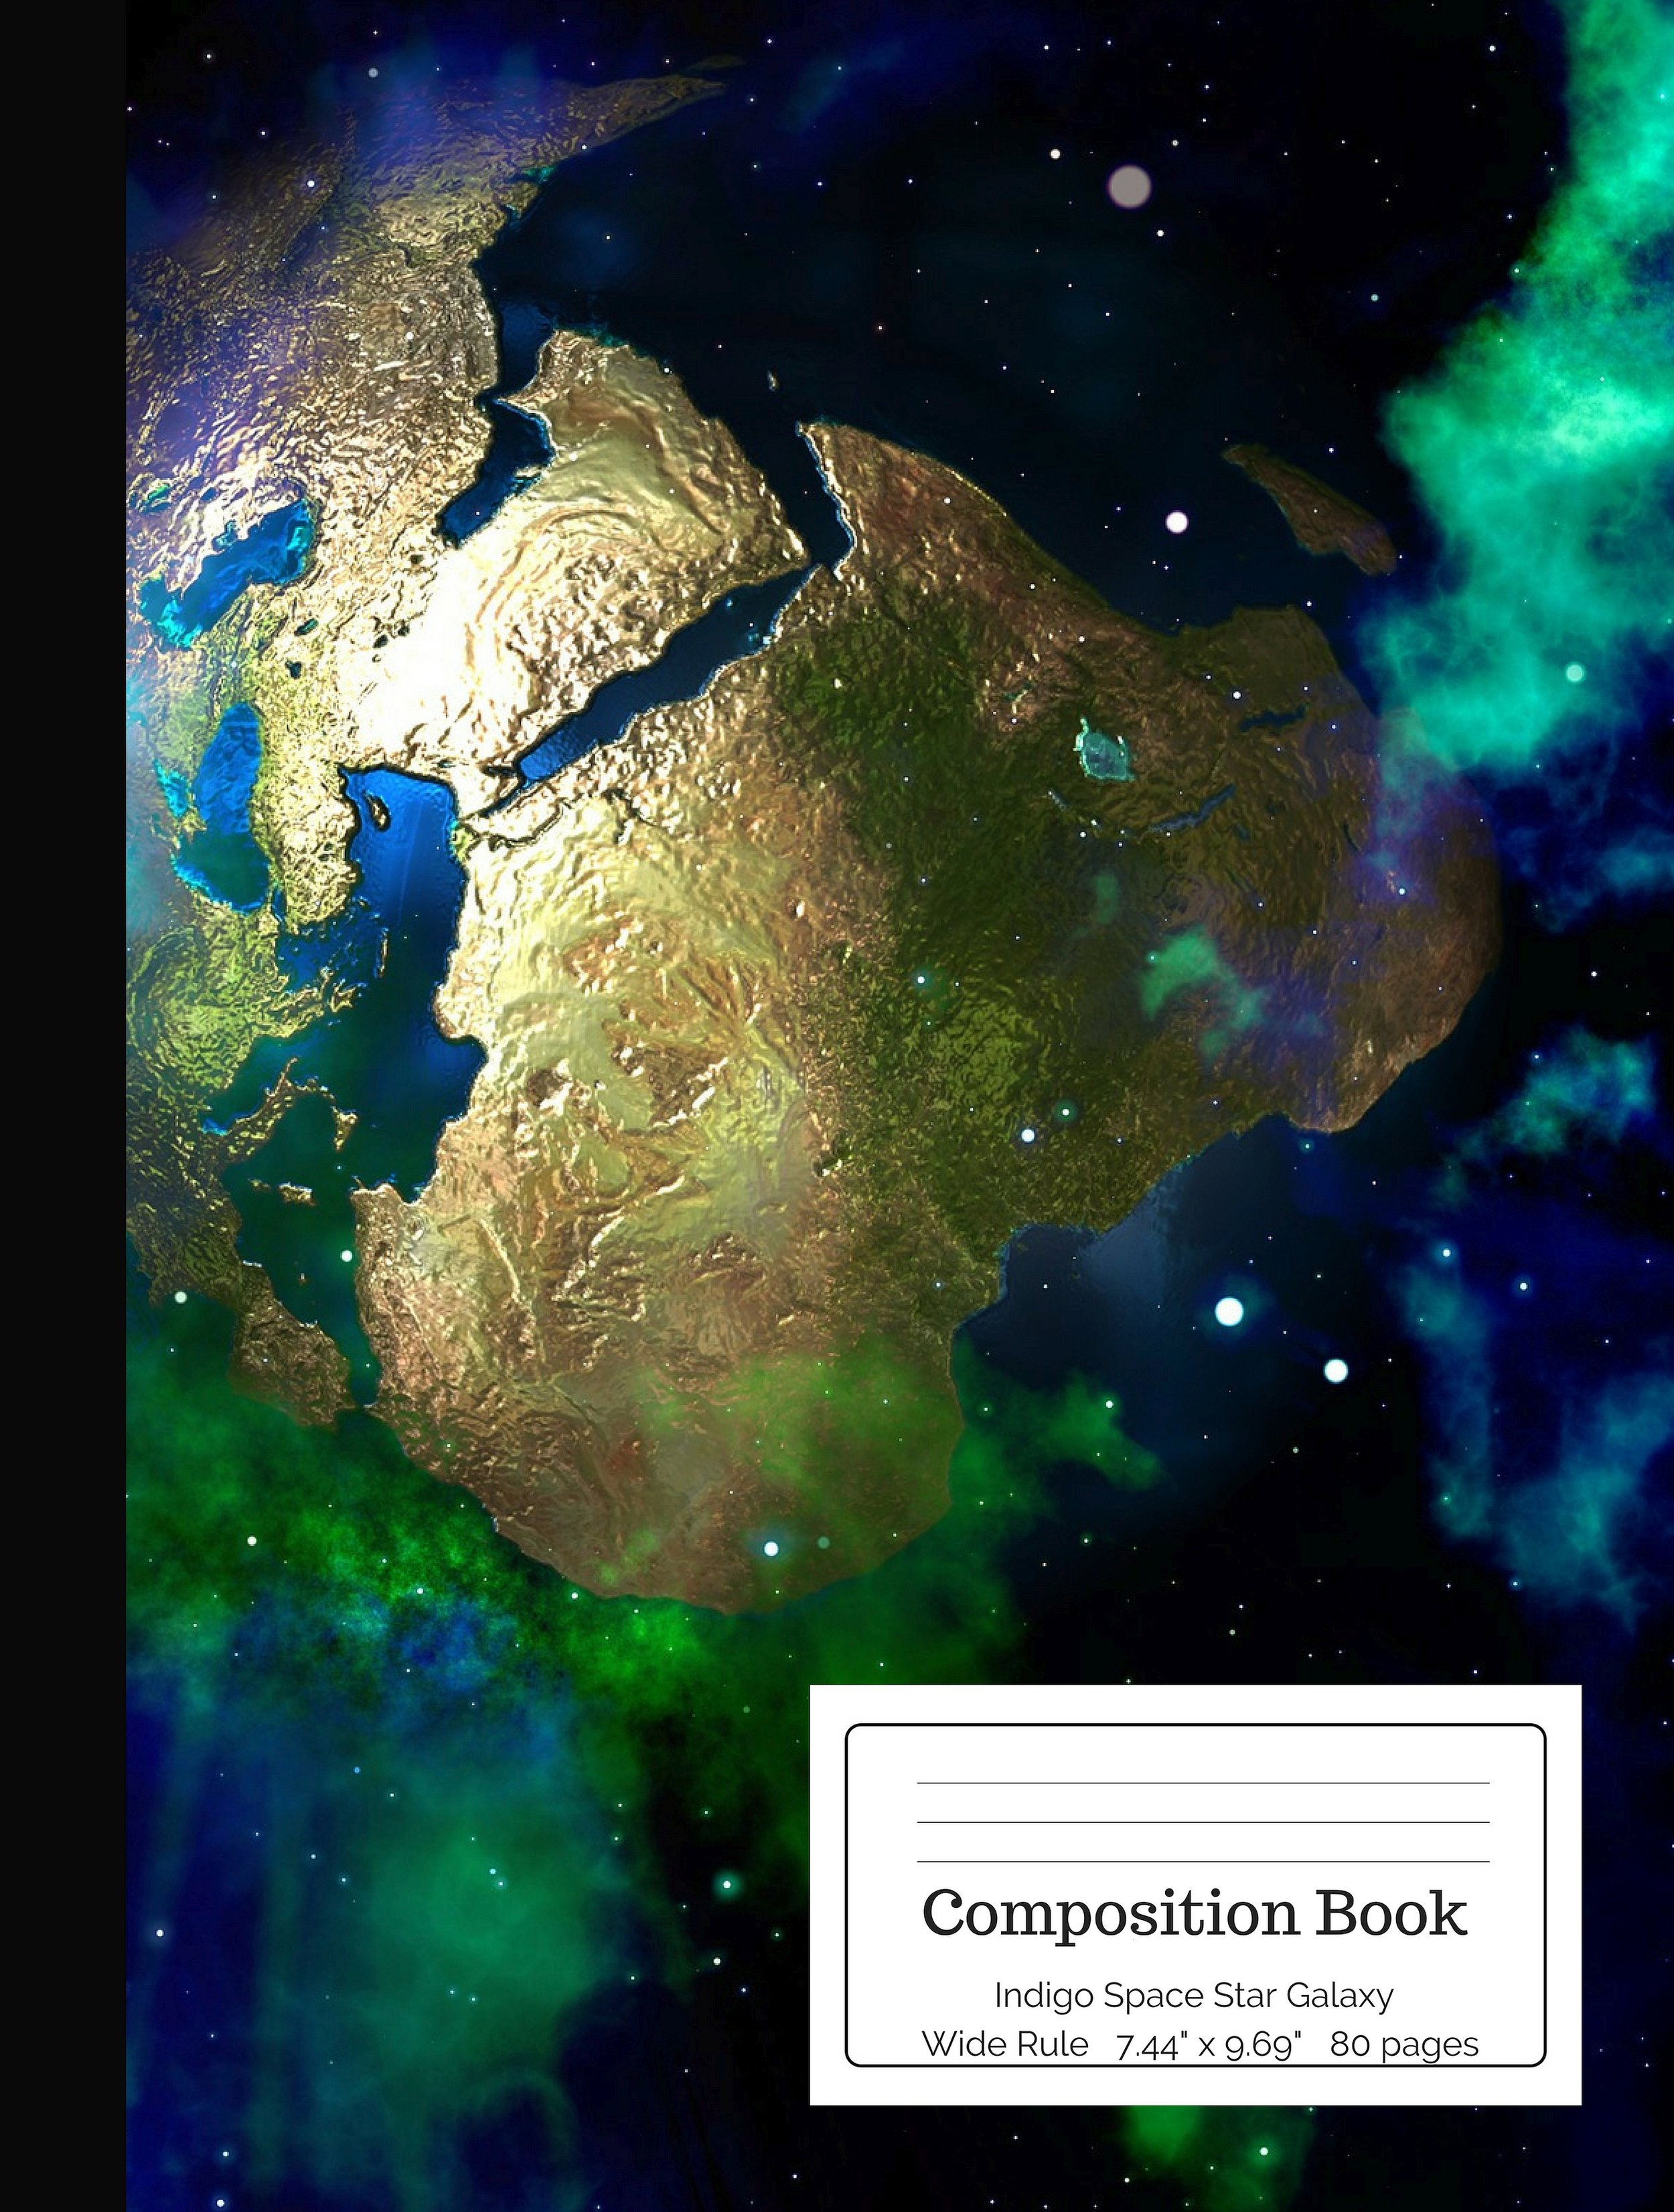 Indigo Space Star Galaxy Composition Book